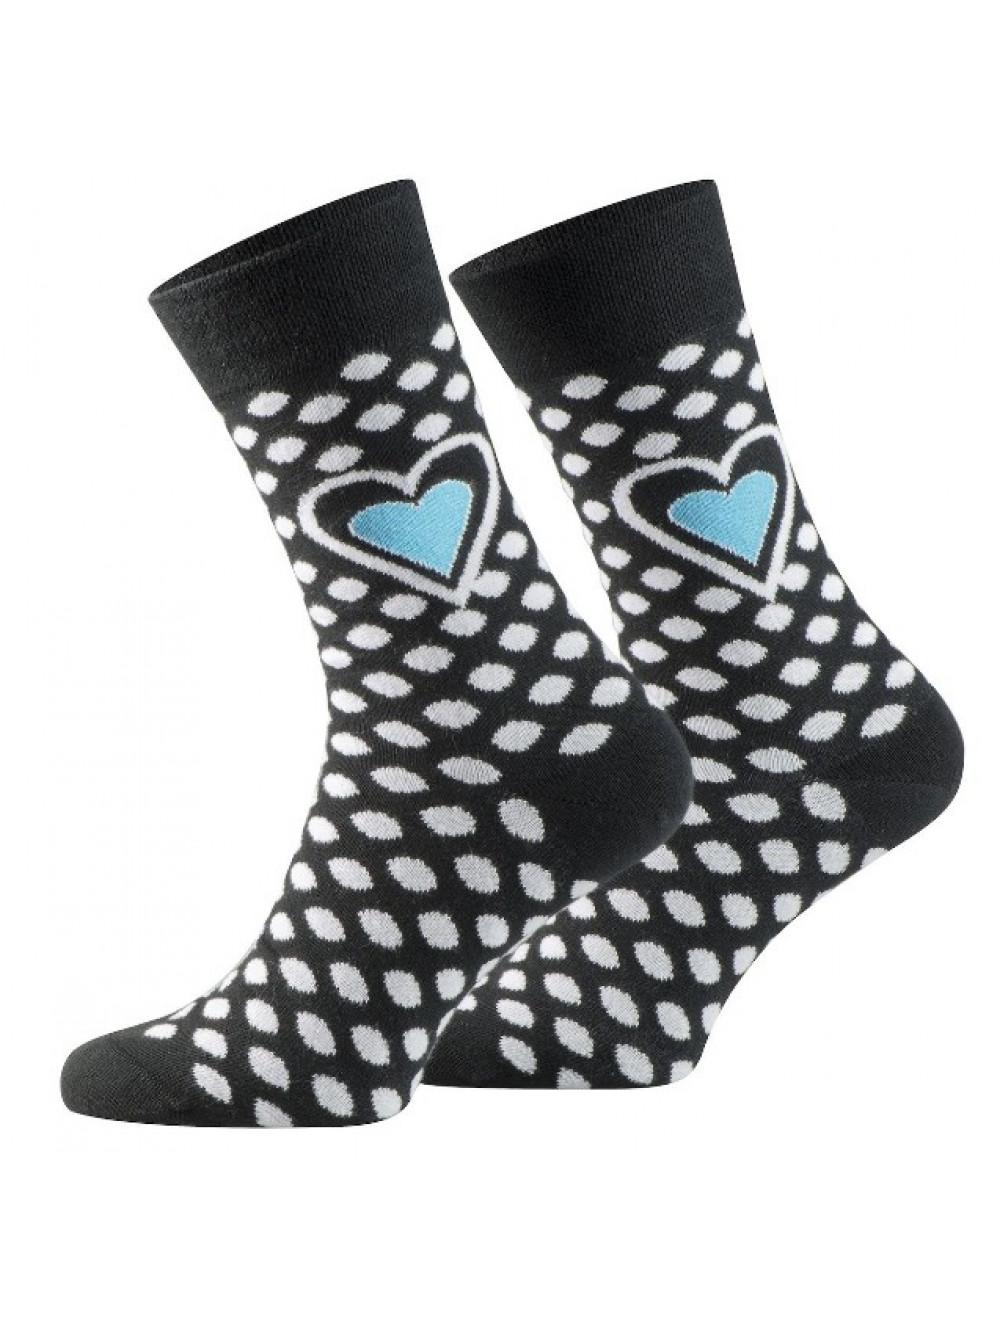 Ponožky Walker's Dot Blue Heart